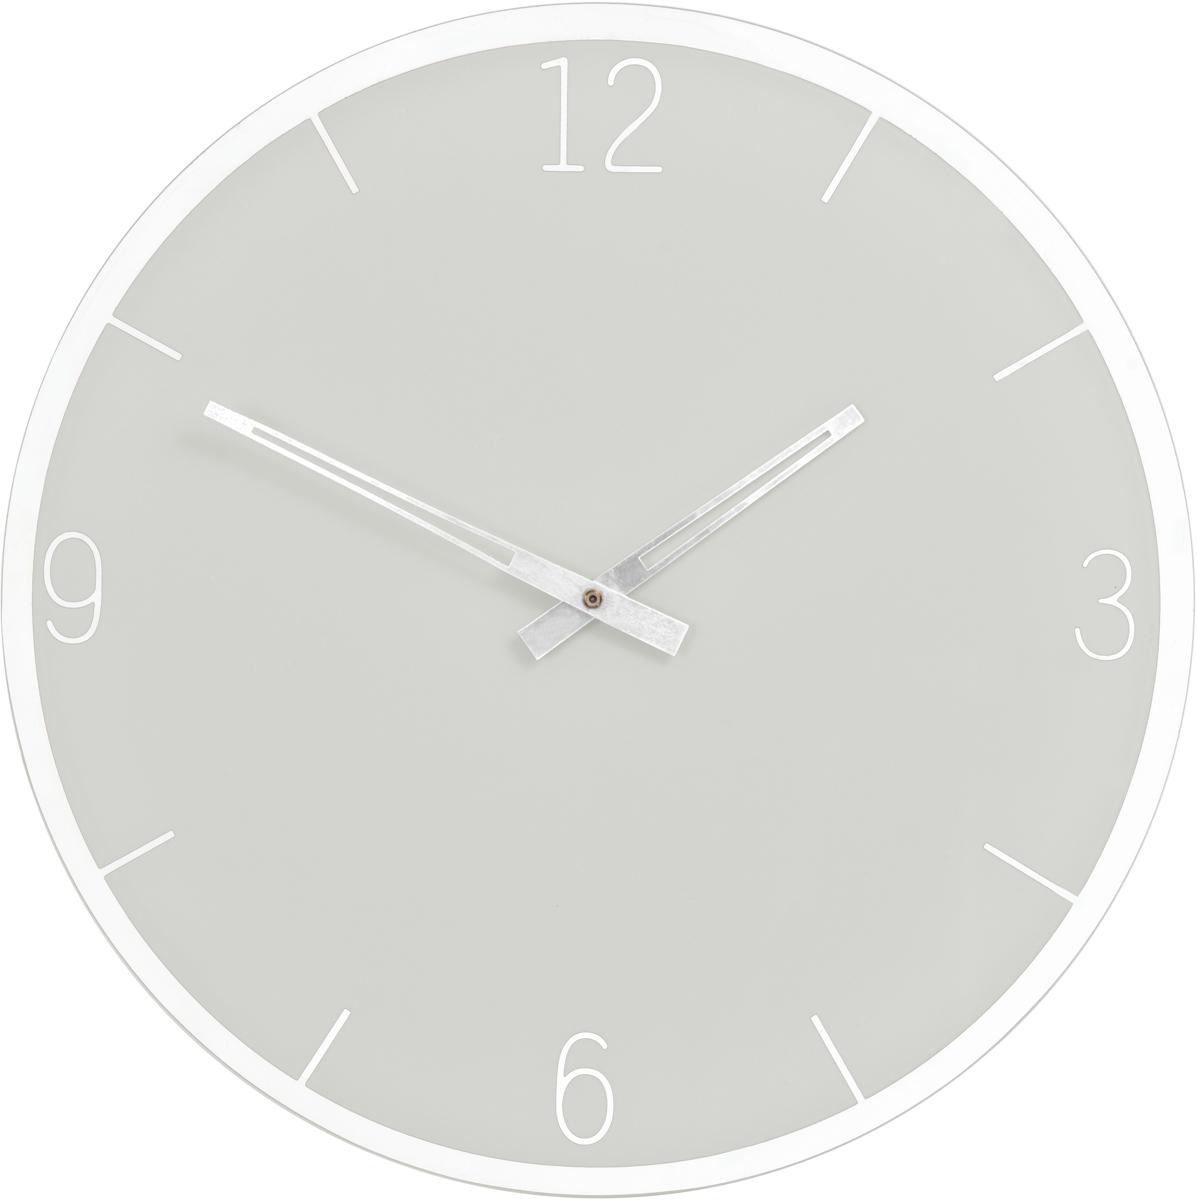 Часы настенные Innova W09655, цвет: серый, диаметр 35 см часы настенные innova w09656 цвет белый диаметр 35 см